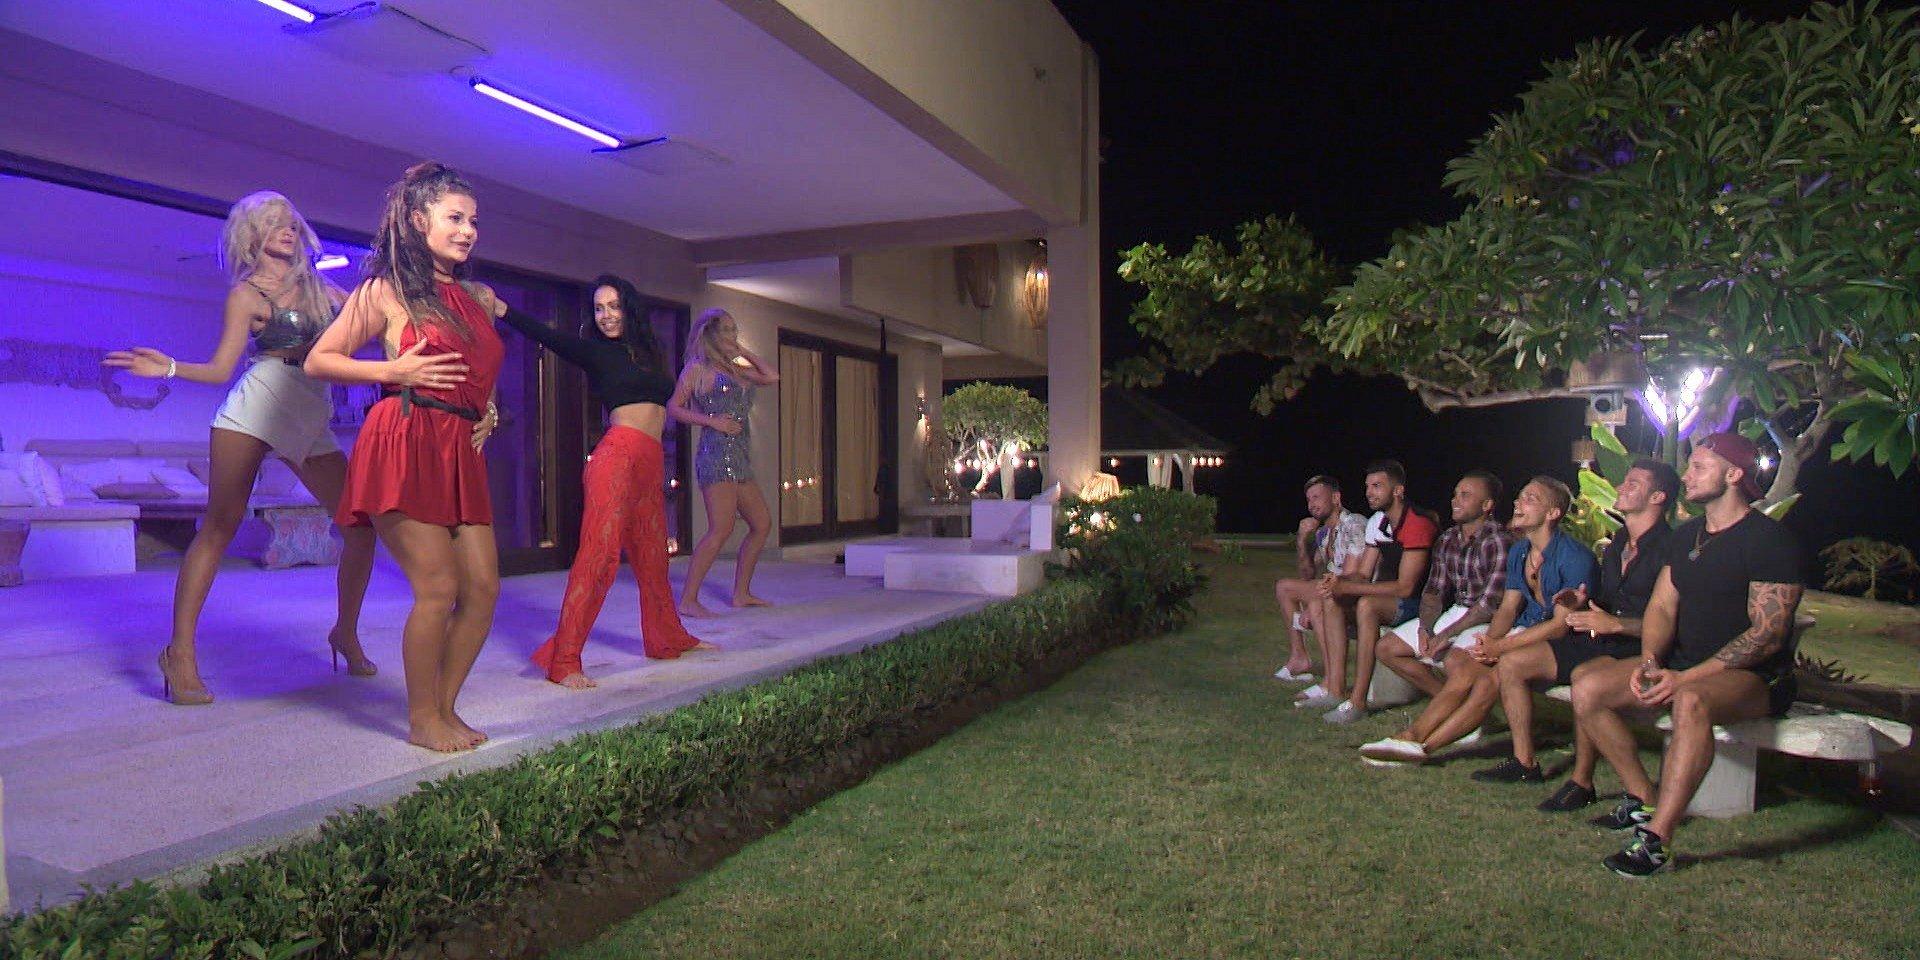 Hotel Paradise - seksowny taniec, intymne wyznania i tajemniczy list! (zapowiedź odcinka 14)